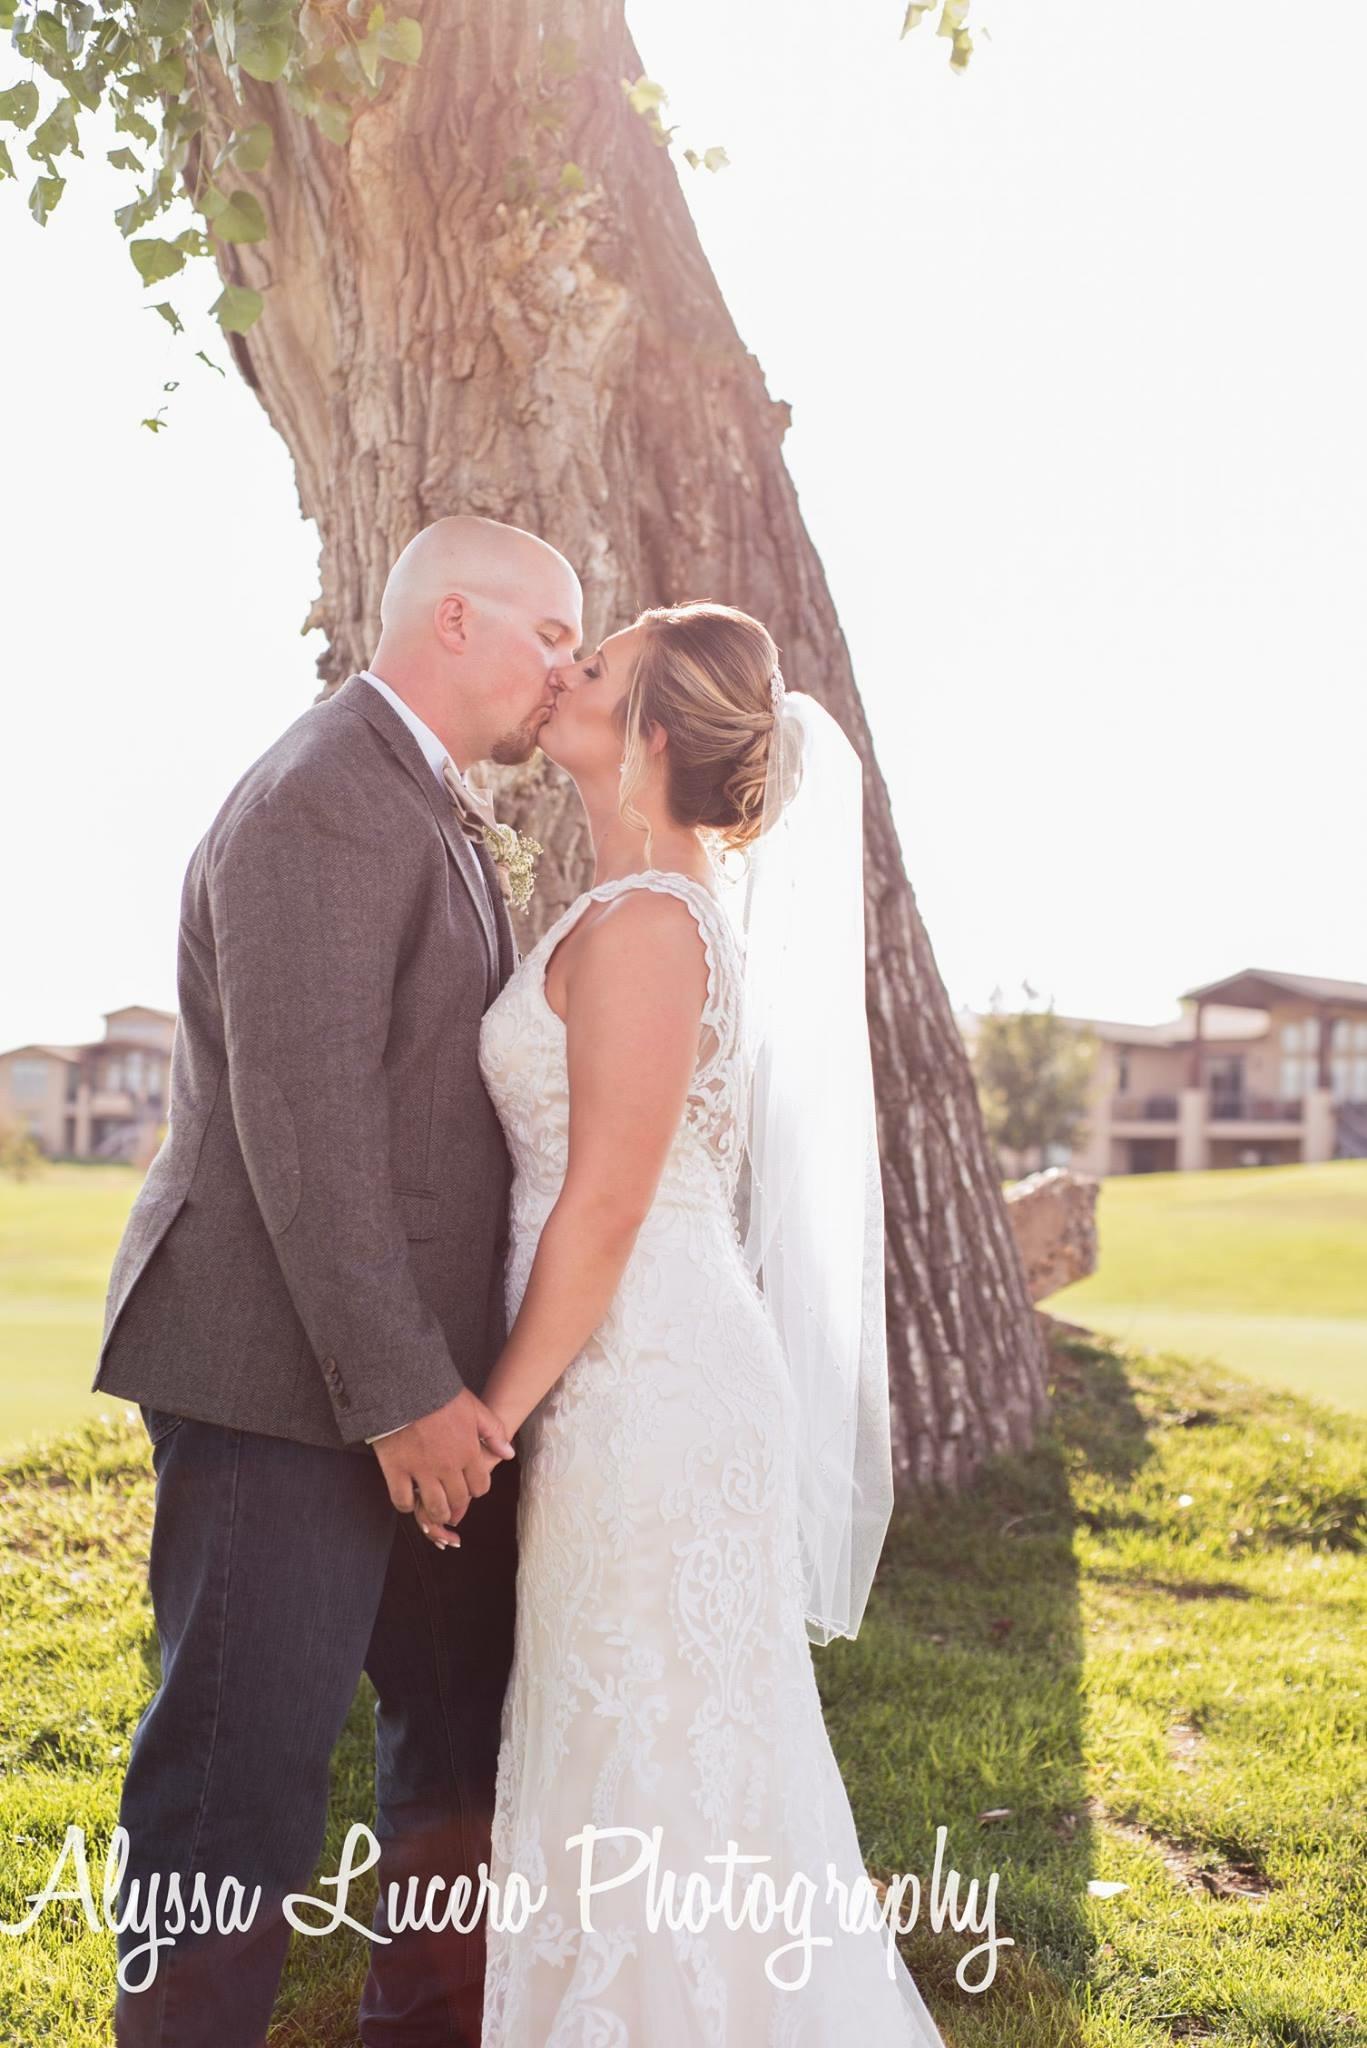 Denver-wedding-hairstylist-wedding-hair-updo-bride